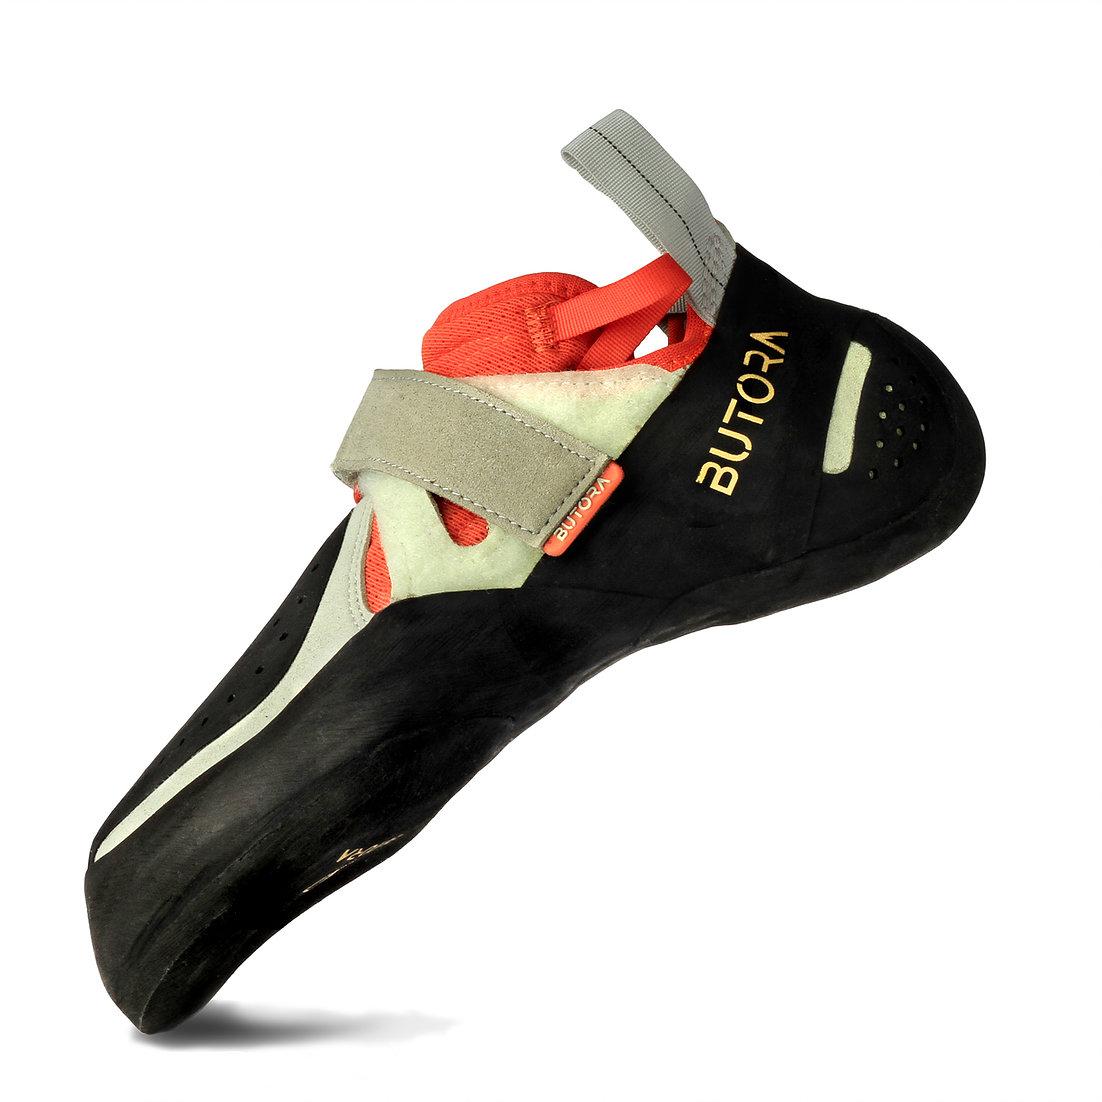 Butora Orange Acro Climbing Shoe